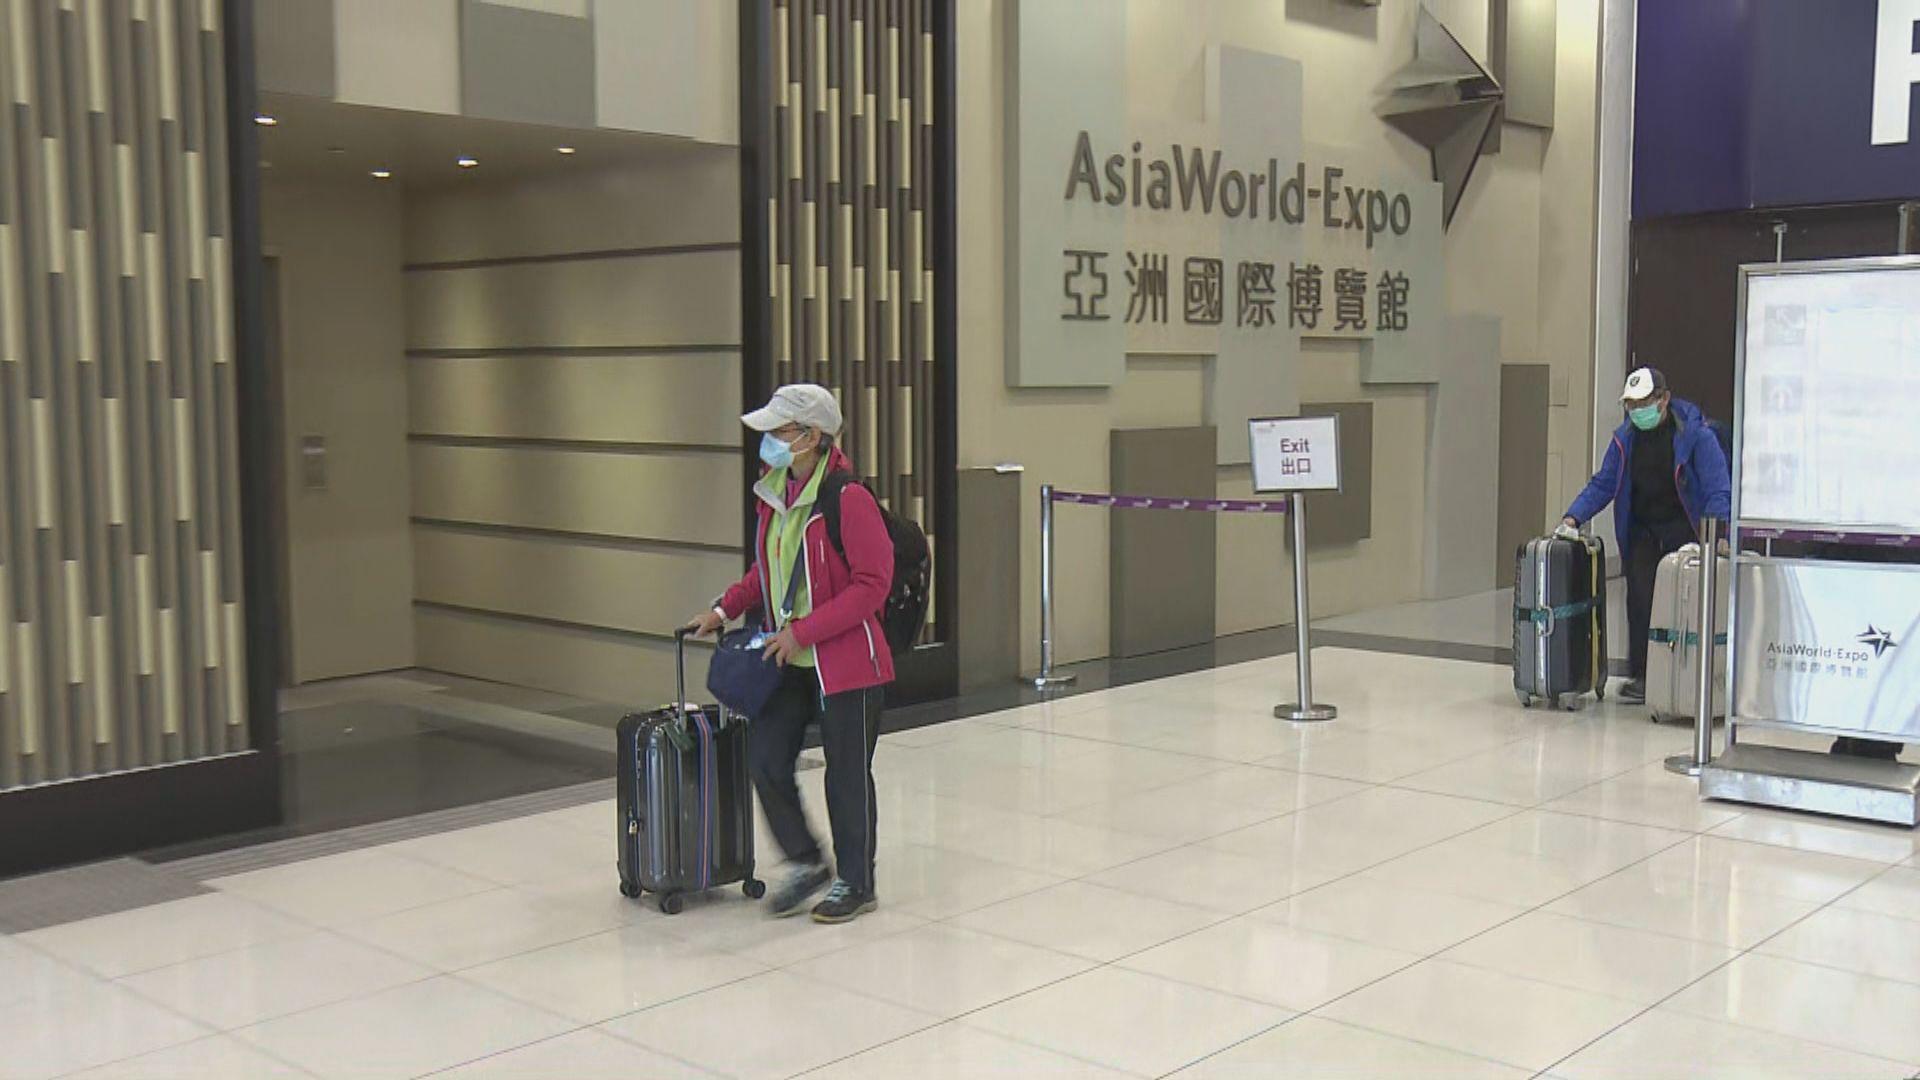 秘魯返港旅客至少5人初步確診 部分人無病徵